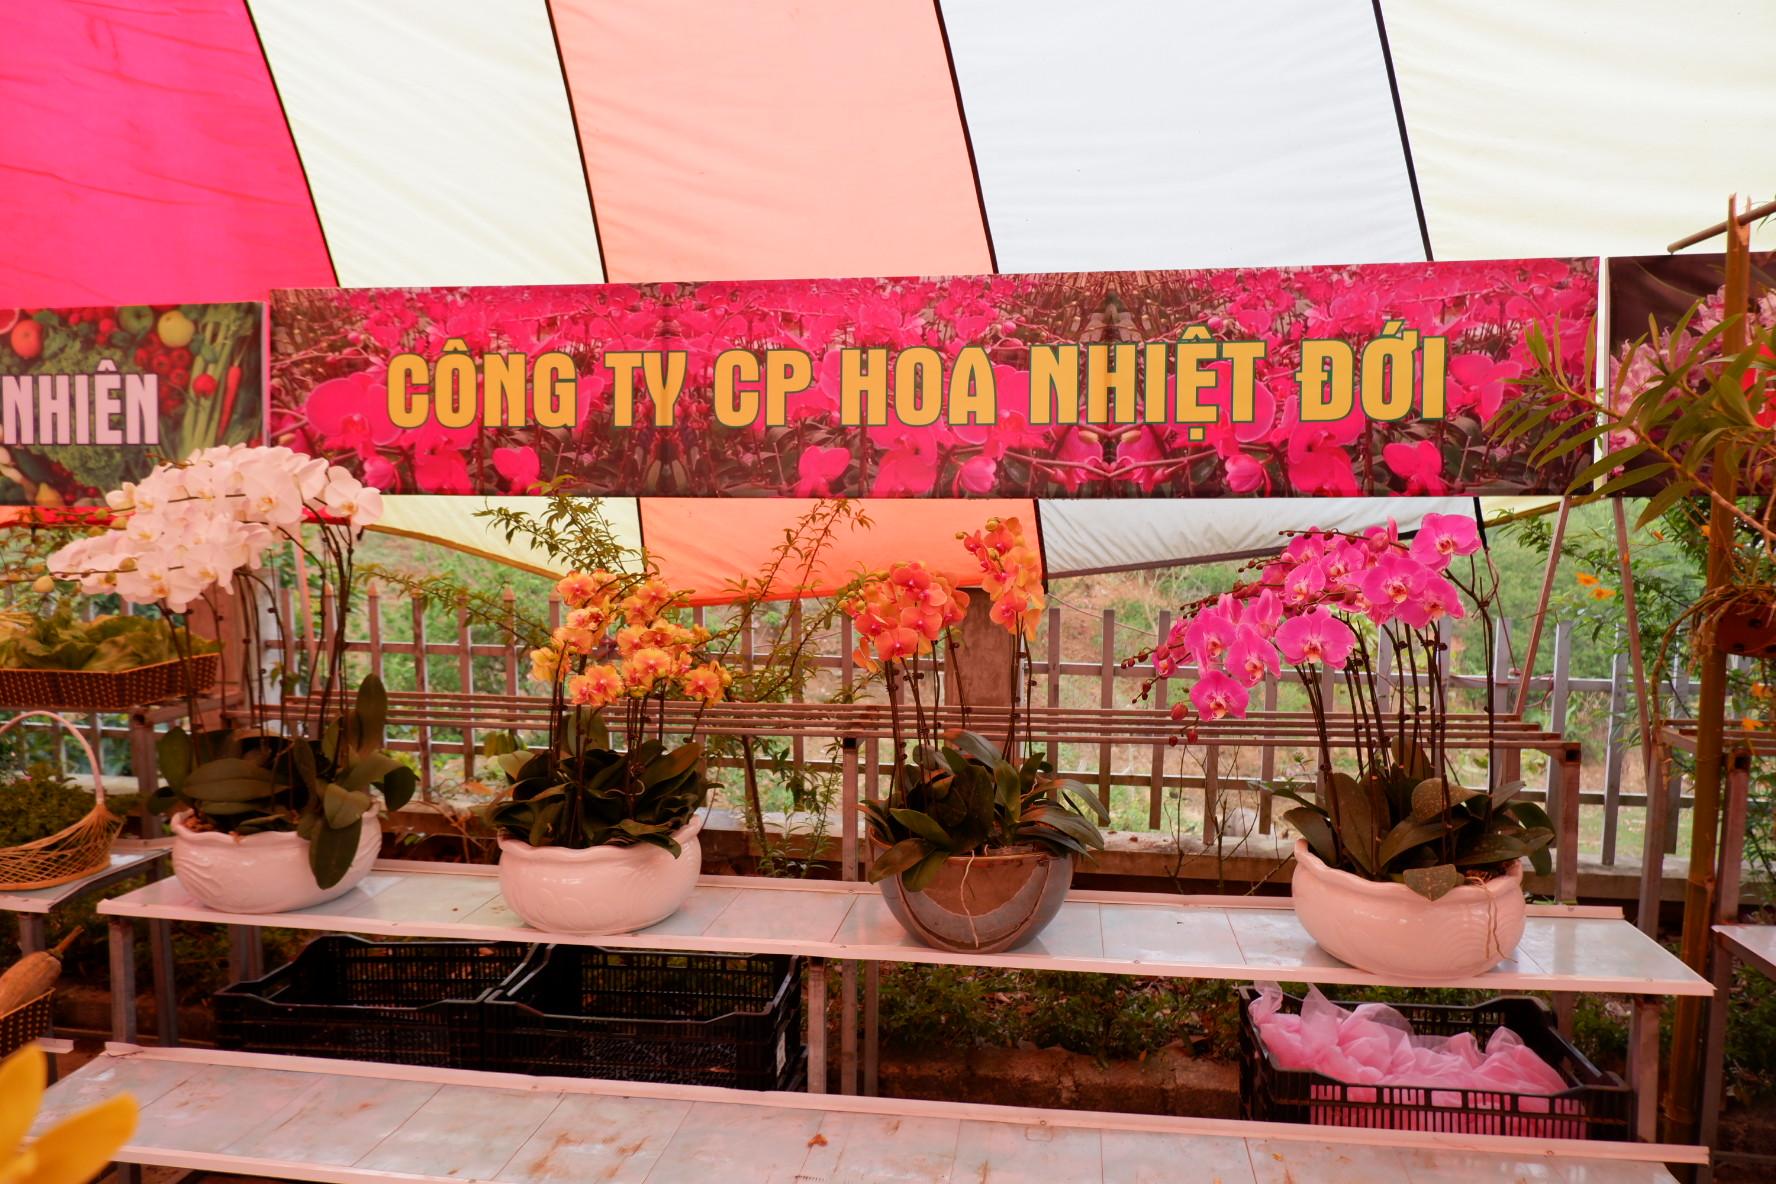 Quầy trưng bày hoa lan cảnh của công ty Hoa nhiệt đới